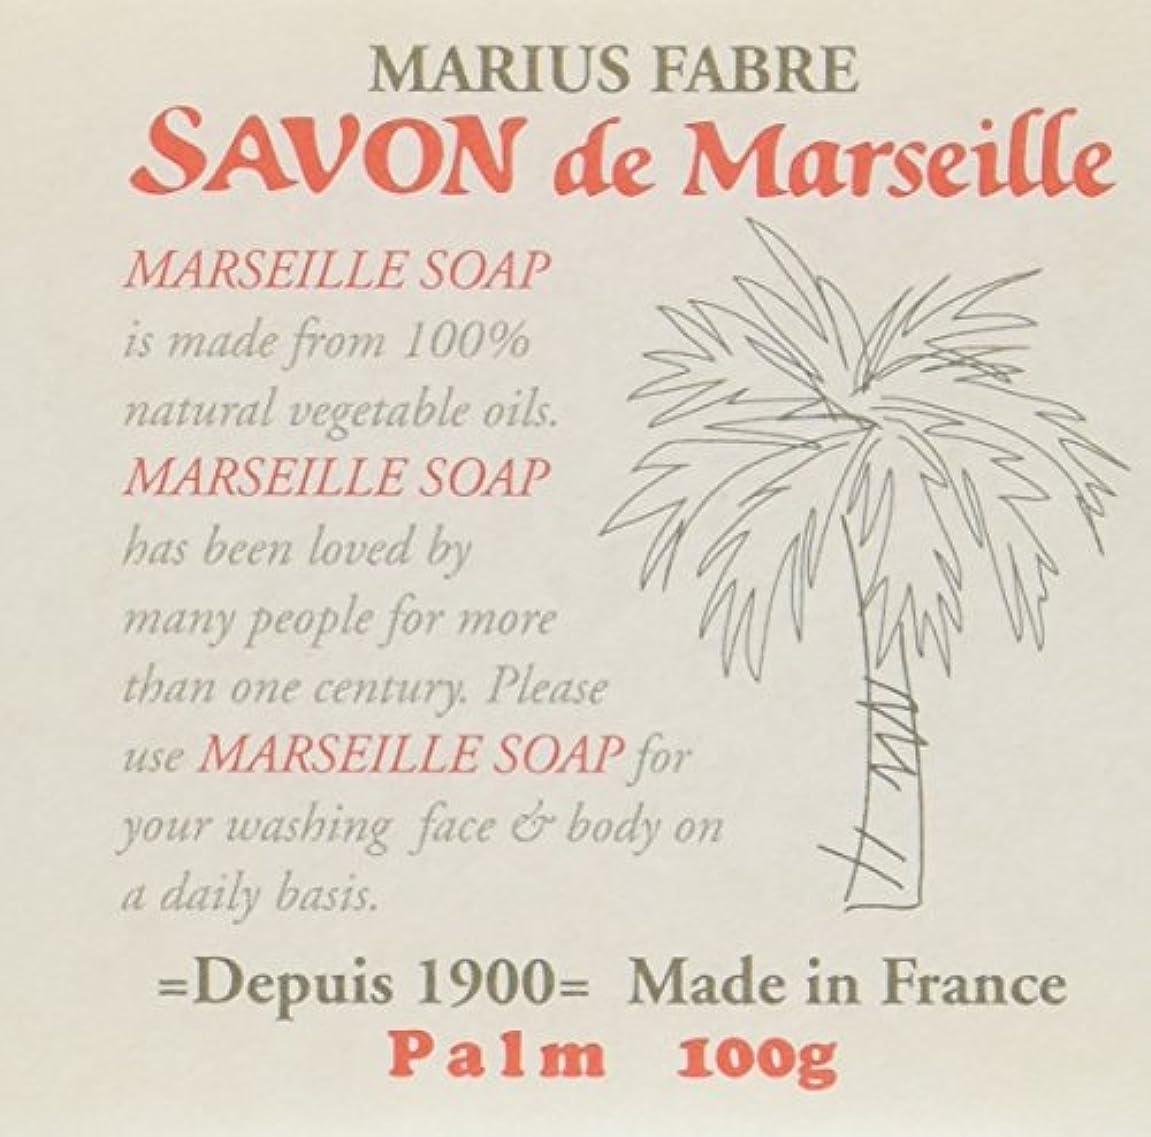 線居心地の良いホットサボン ド マルセイユ パーム 100g